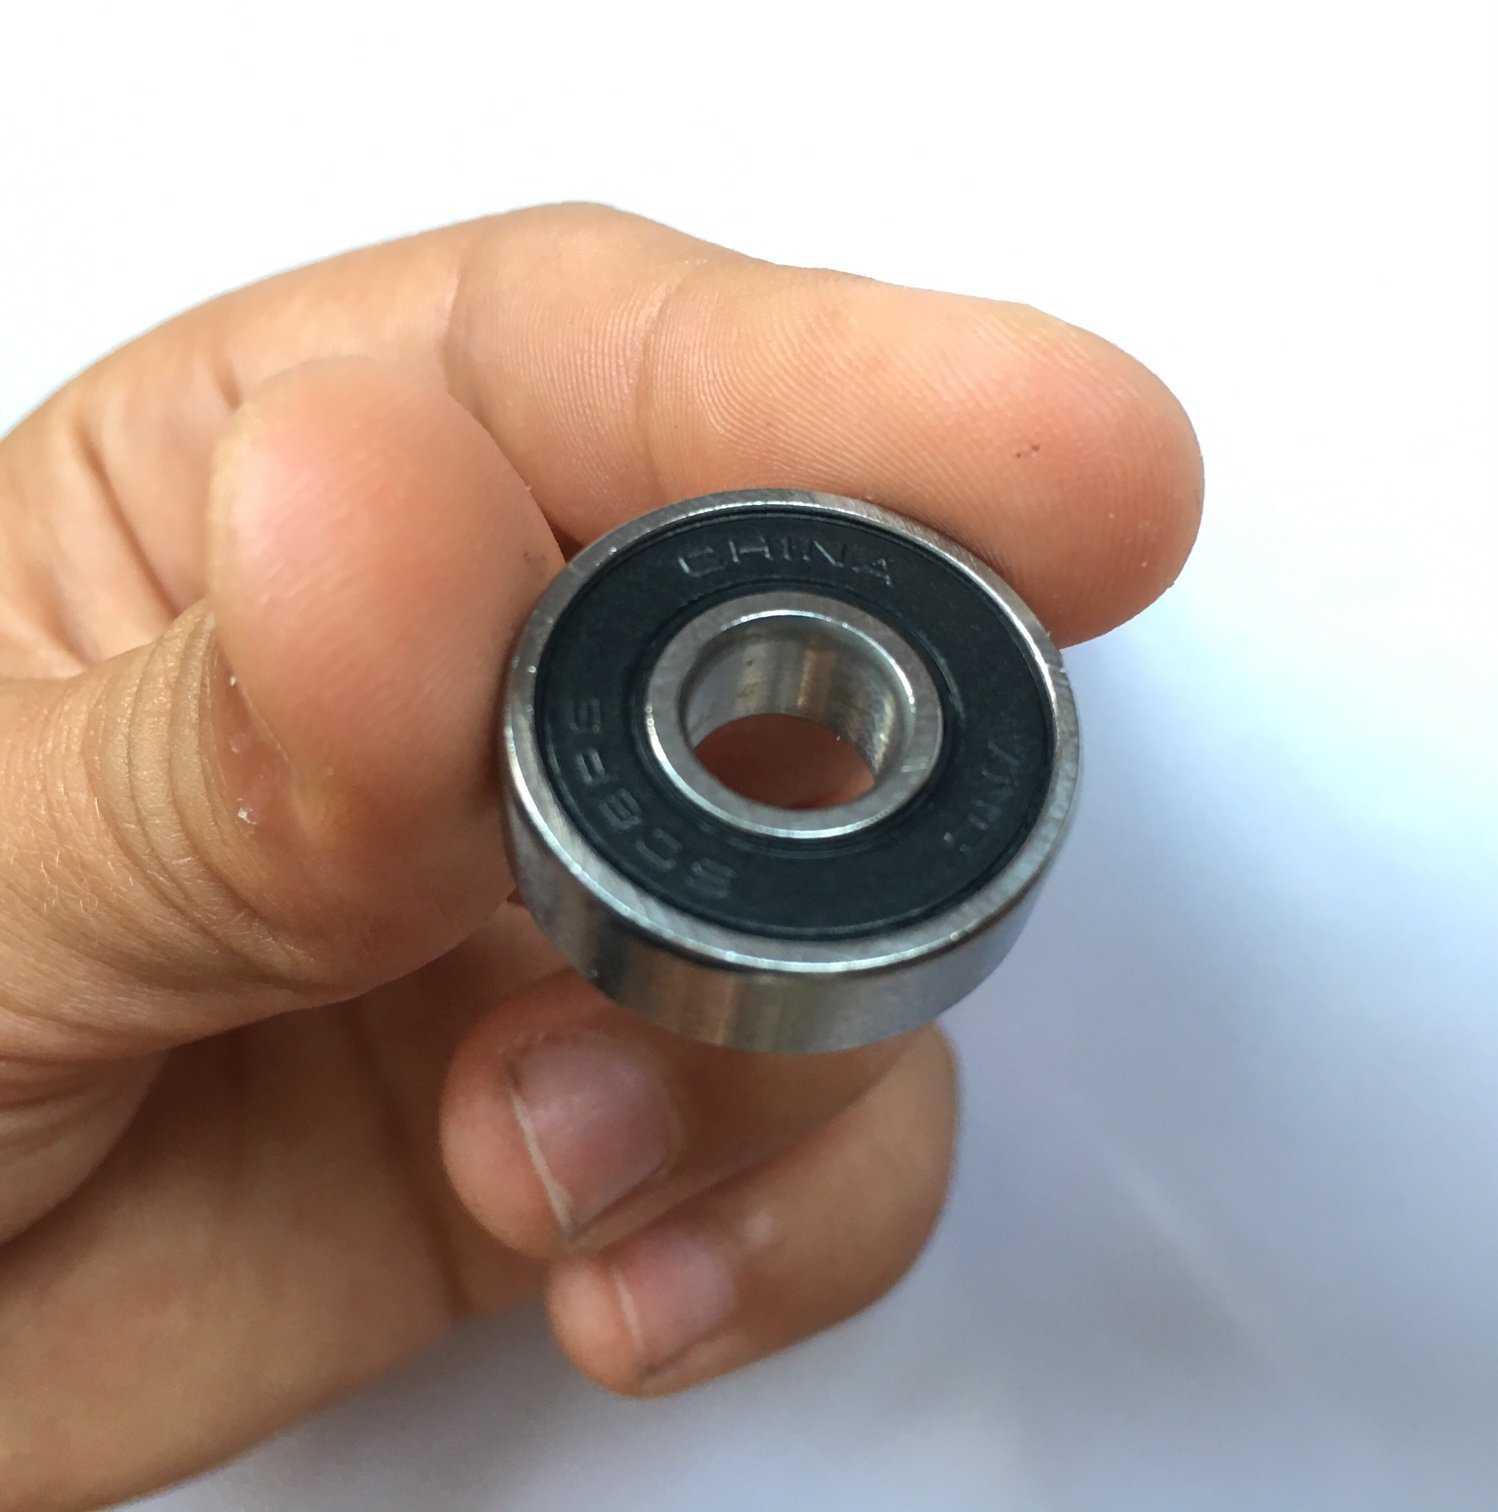 Medium spinner02